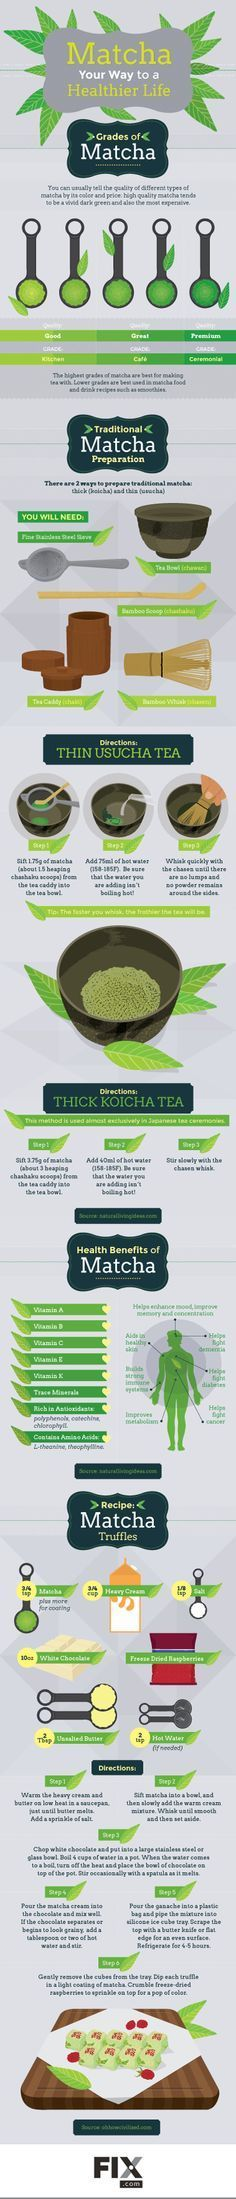 The Benefits of Matcha Green Tea | Fix.com